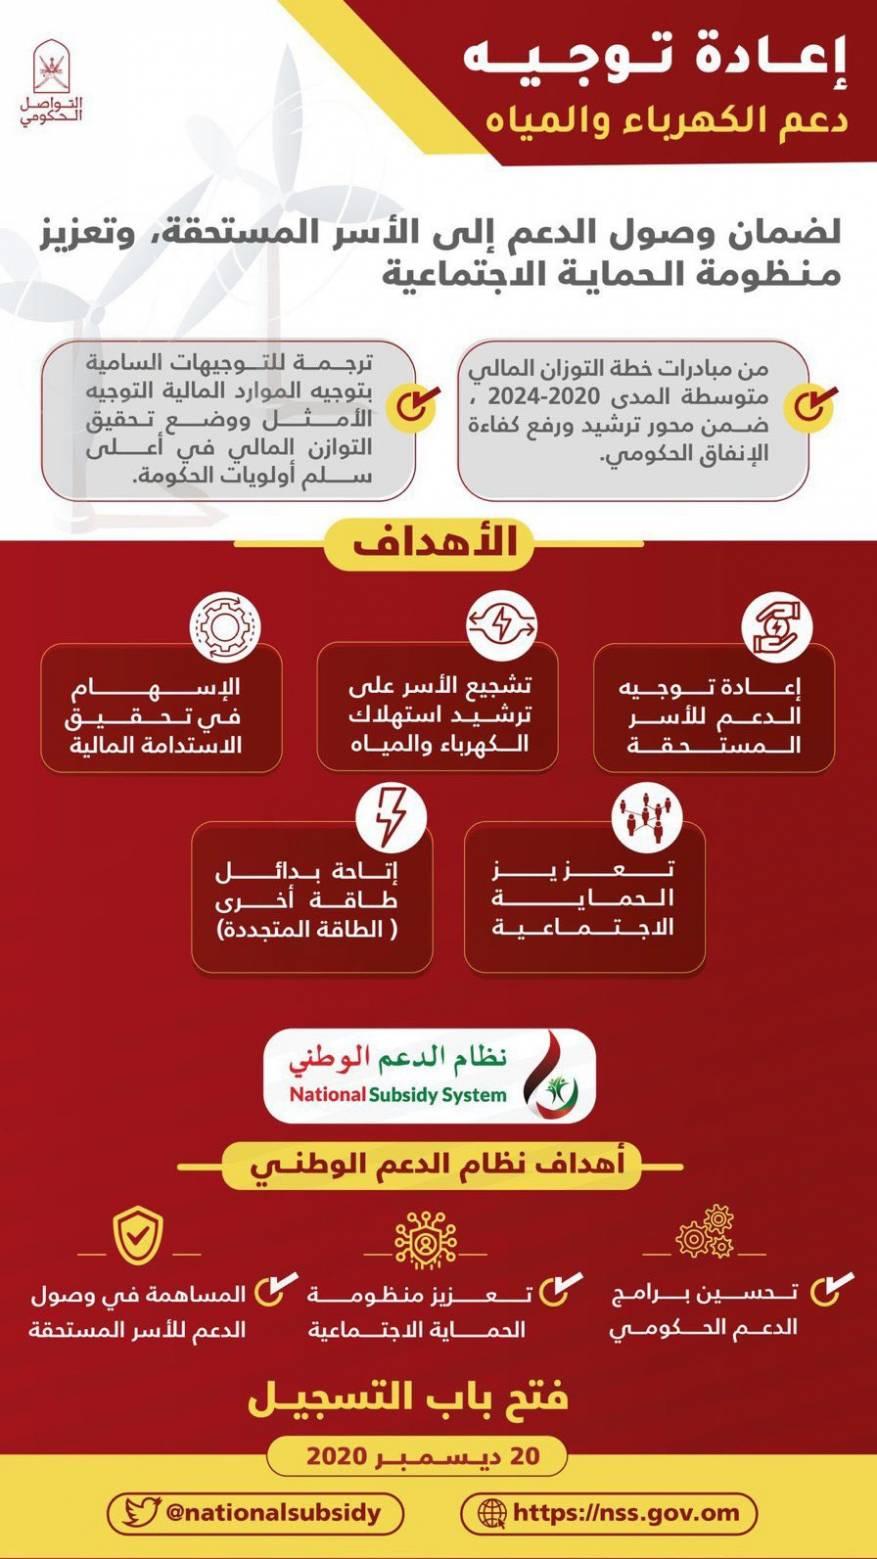 الدعم الوطني للكهرباء والمياه في سلطنة عمان